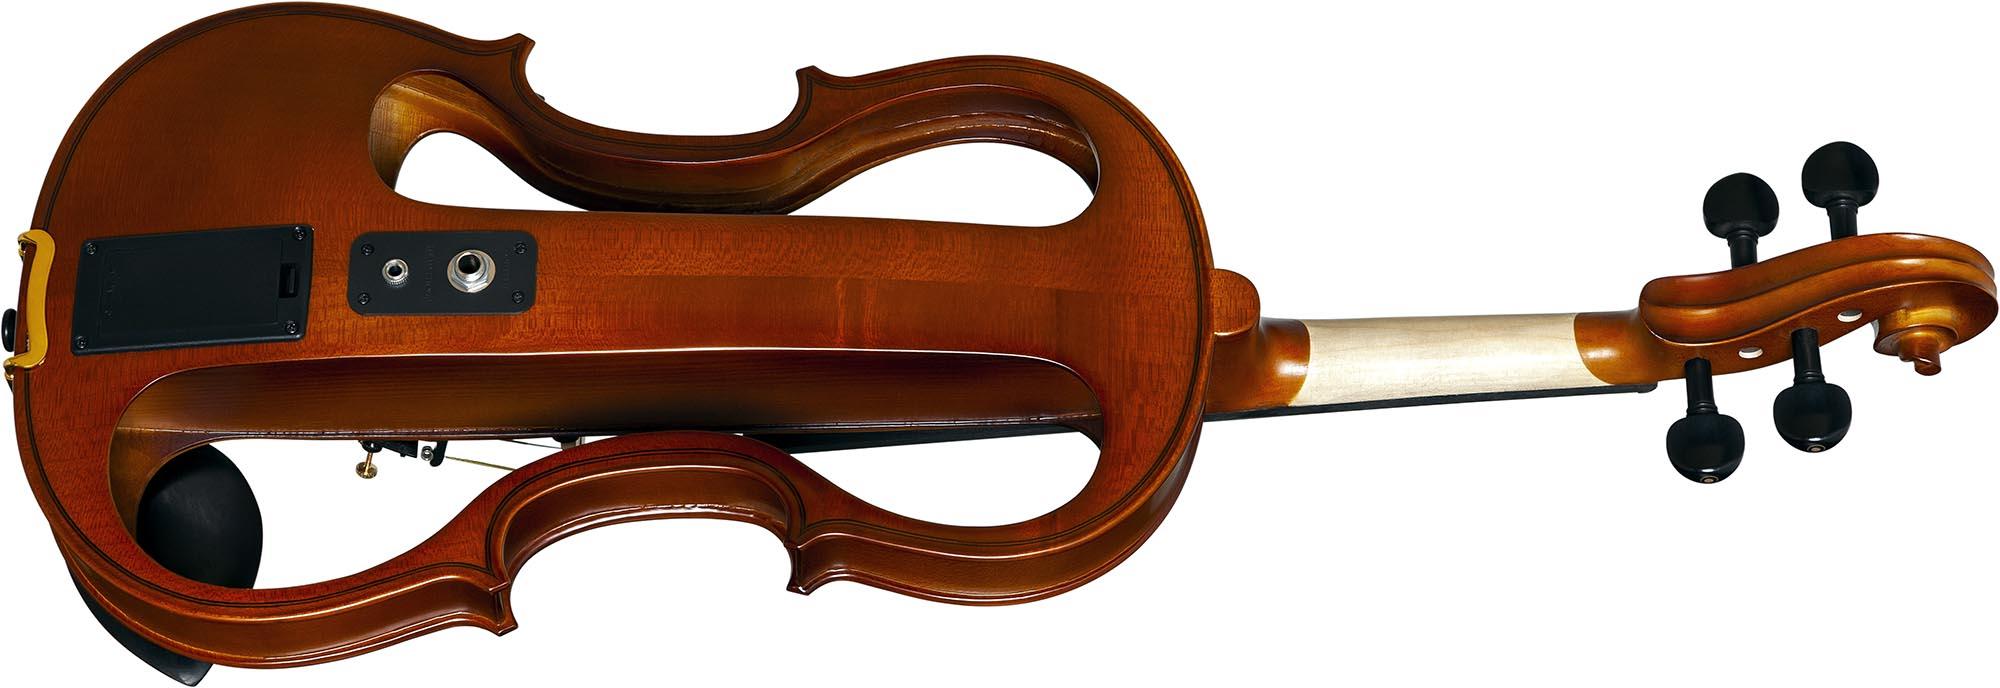 ev744 violino eagle ev744 visao posterior